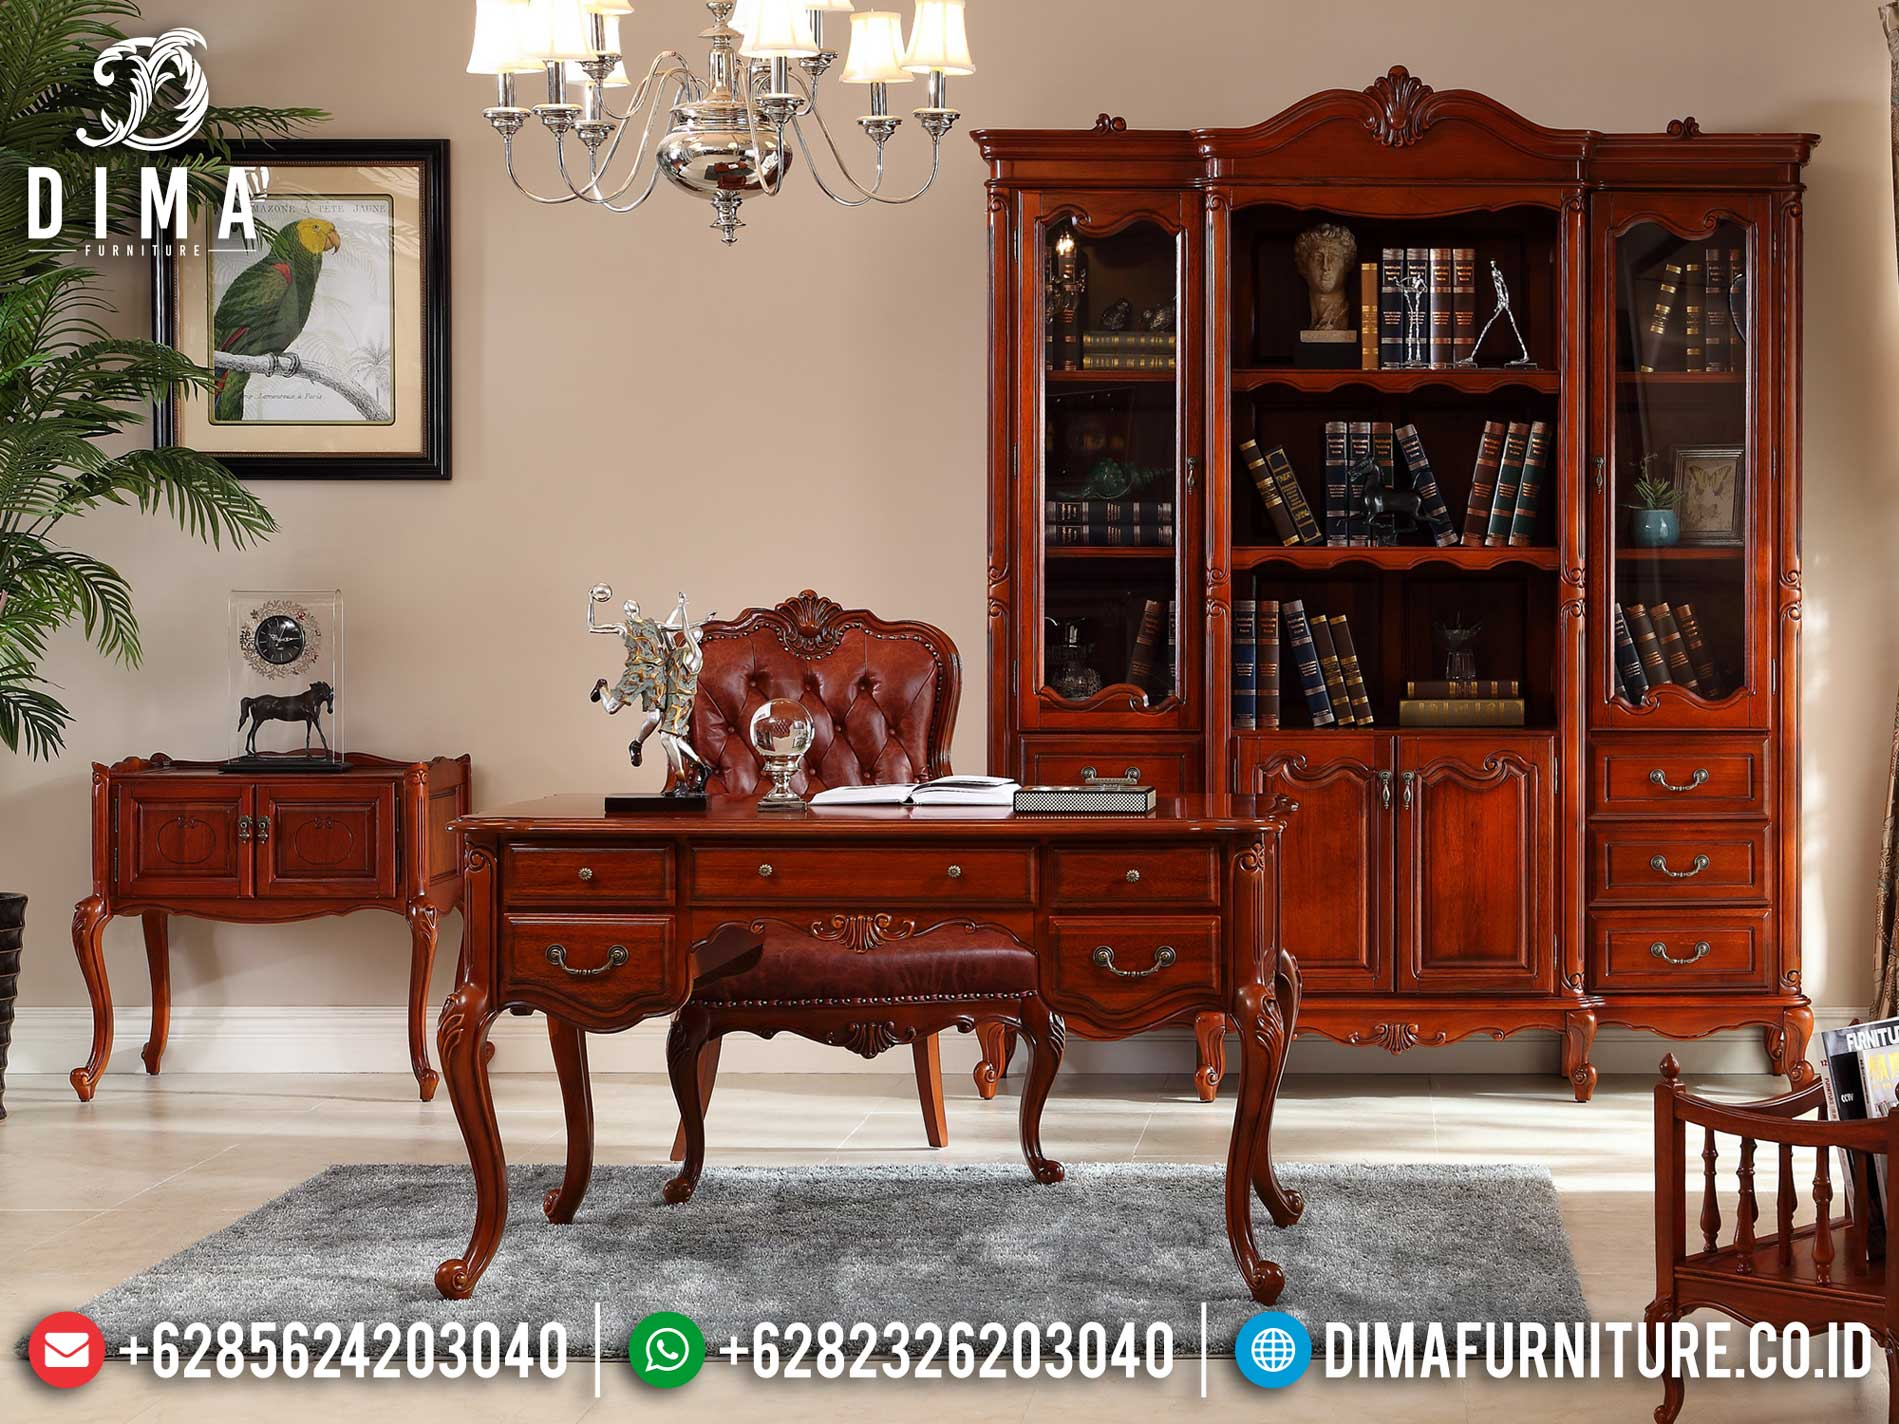 Meja Kantor Jati Minimalis Natural Classic Salak Mebel Jepara Terpercaya TTJ-1304